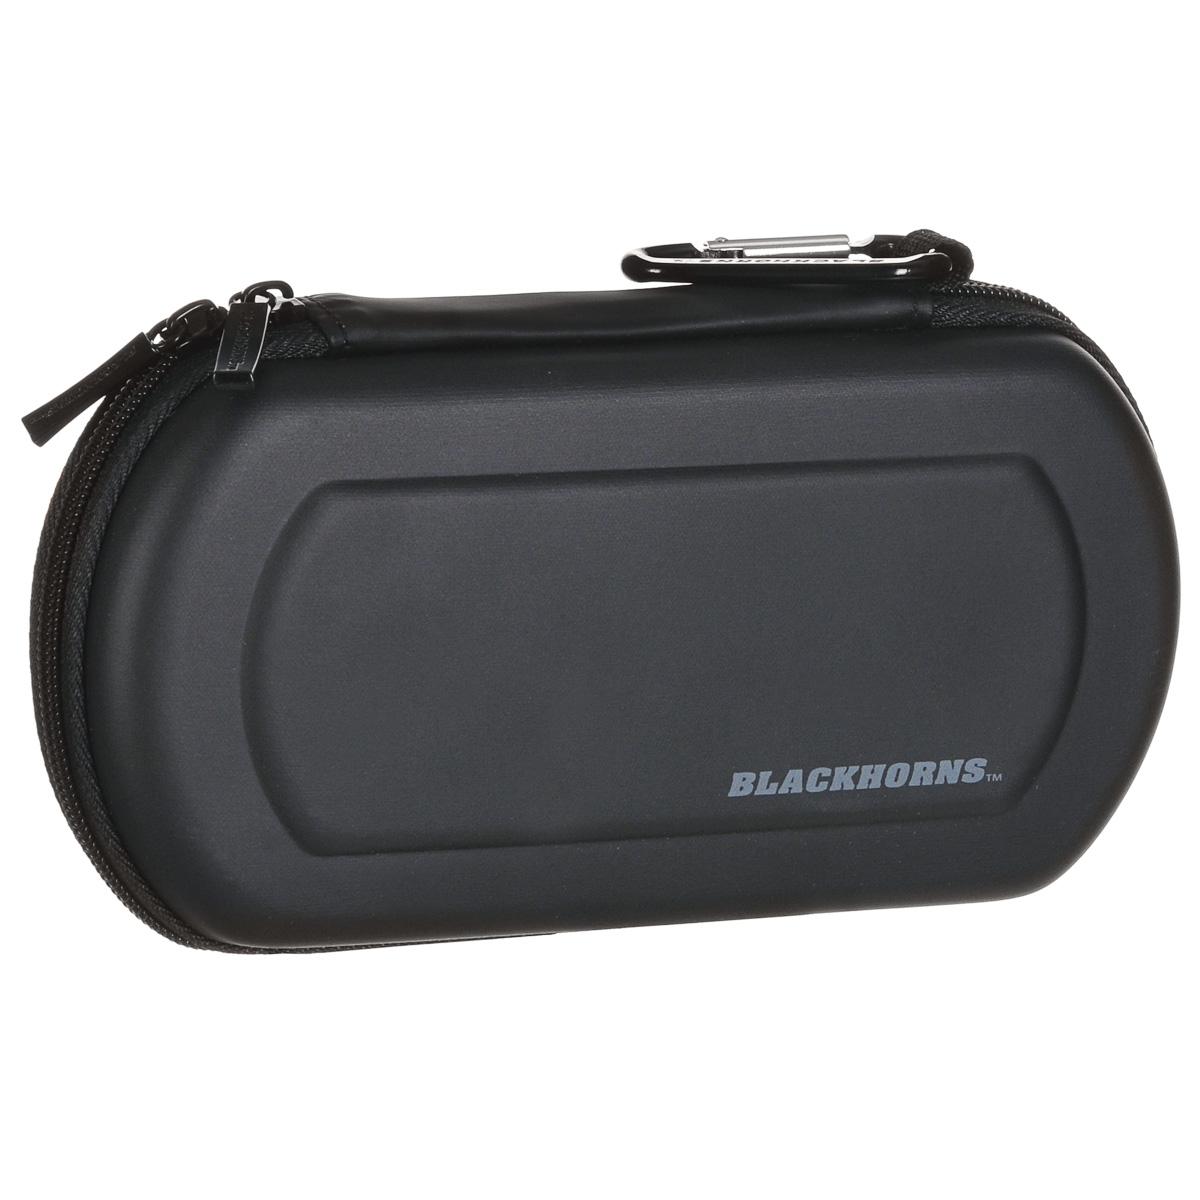 где купить Защитный чехол Black Horns для Sony PSP E1000/2000/3000 (New Version), черный дешево